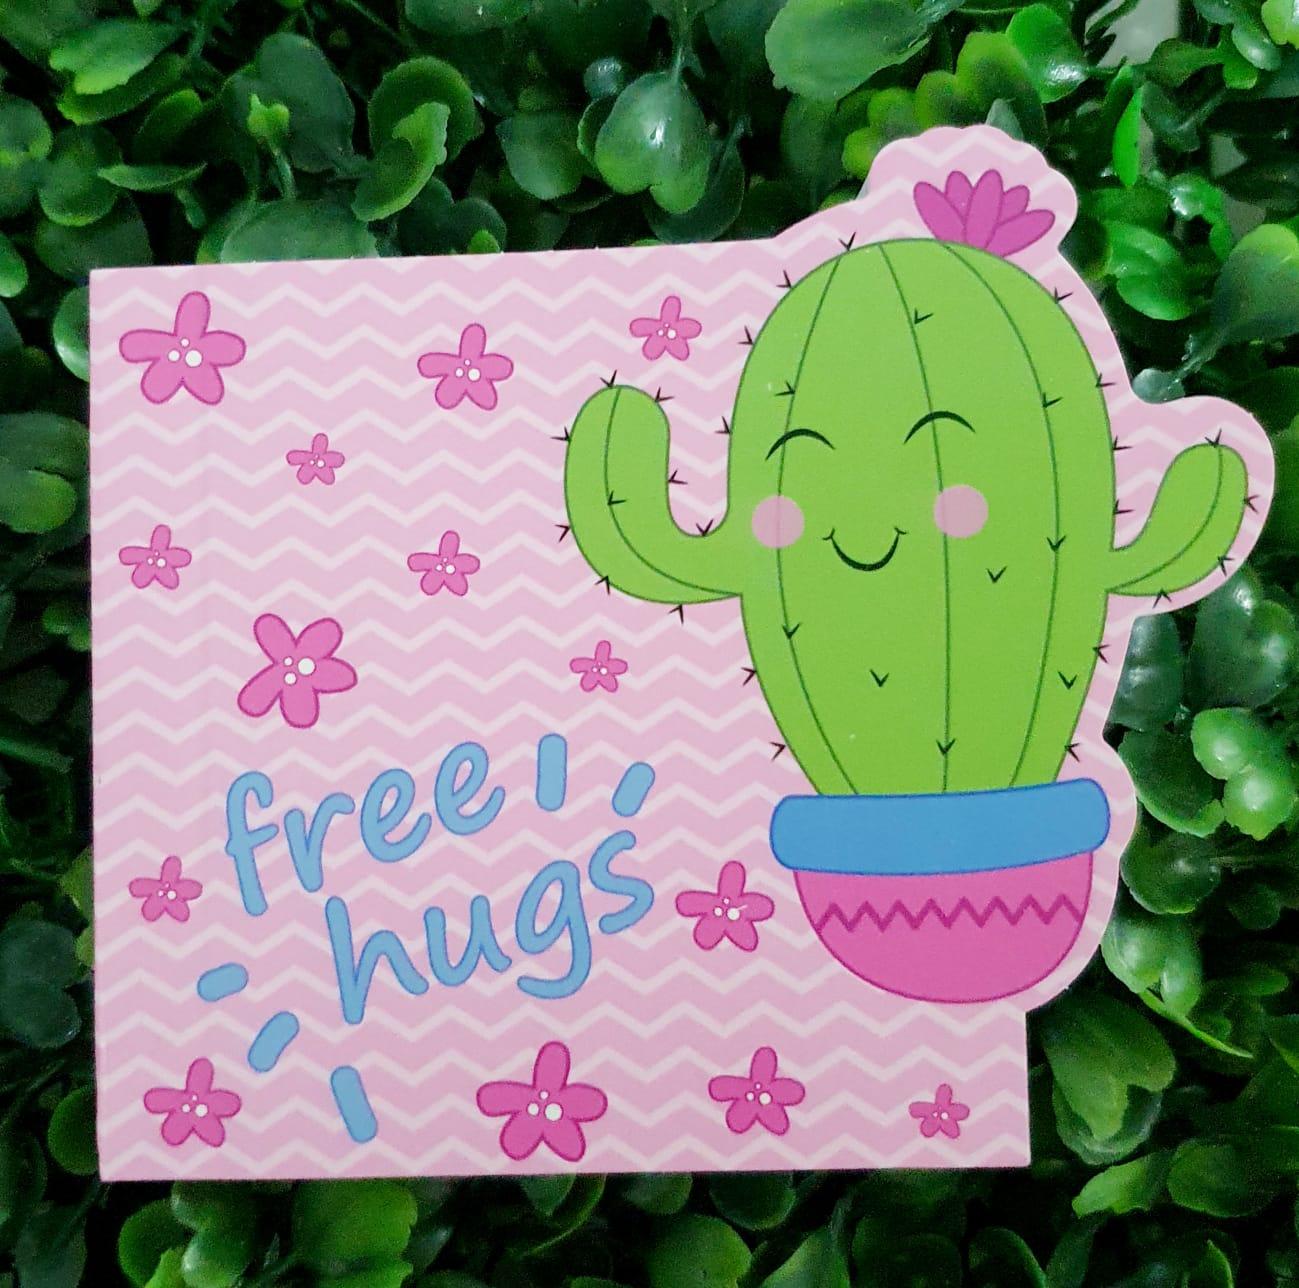 Brinde - Free hugs